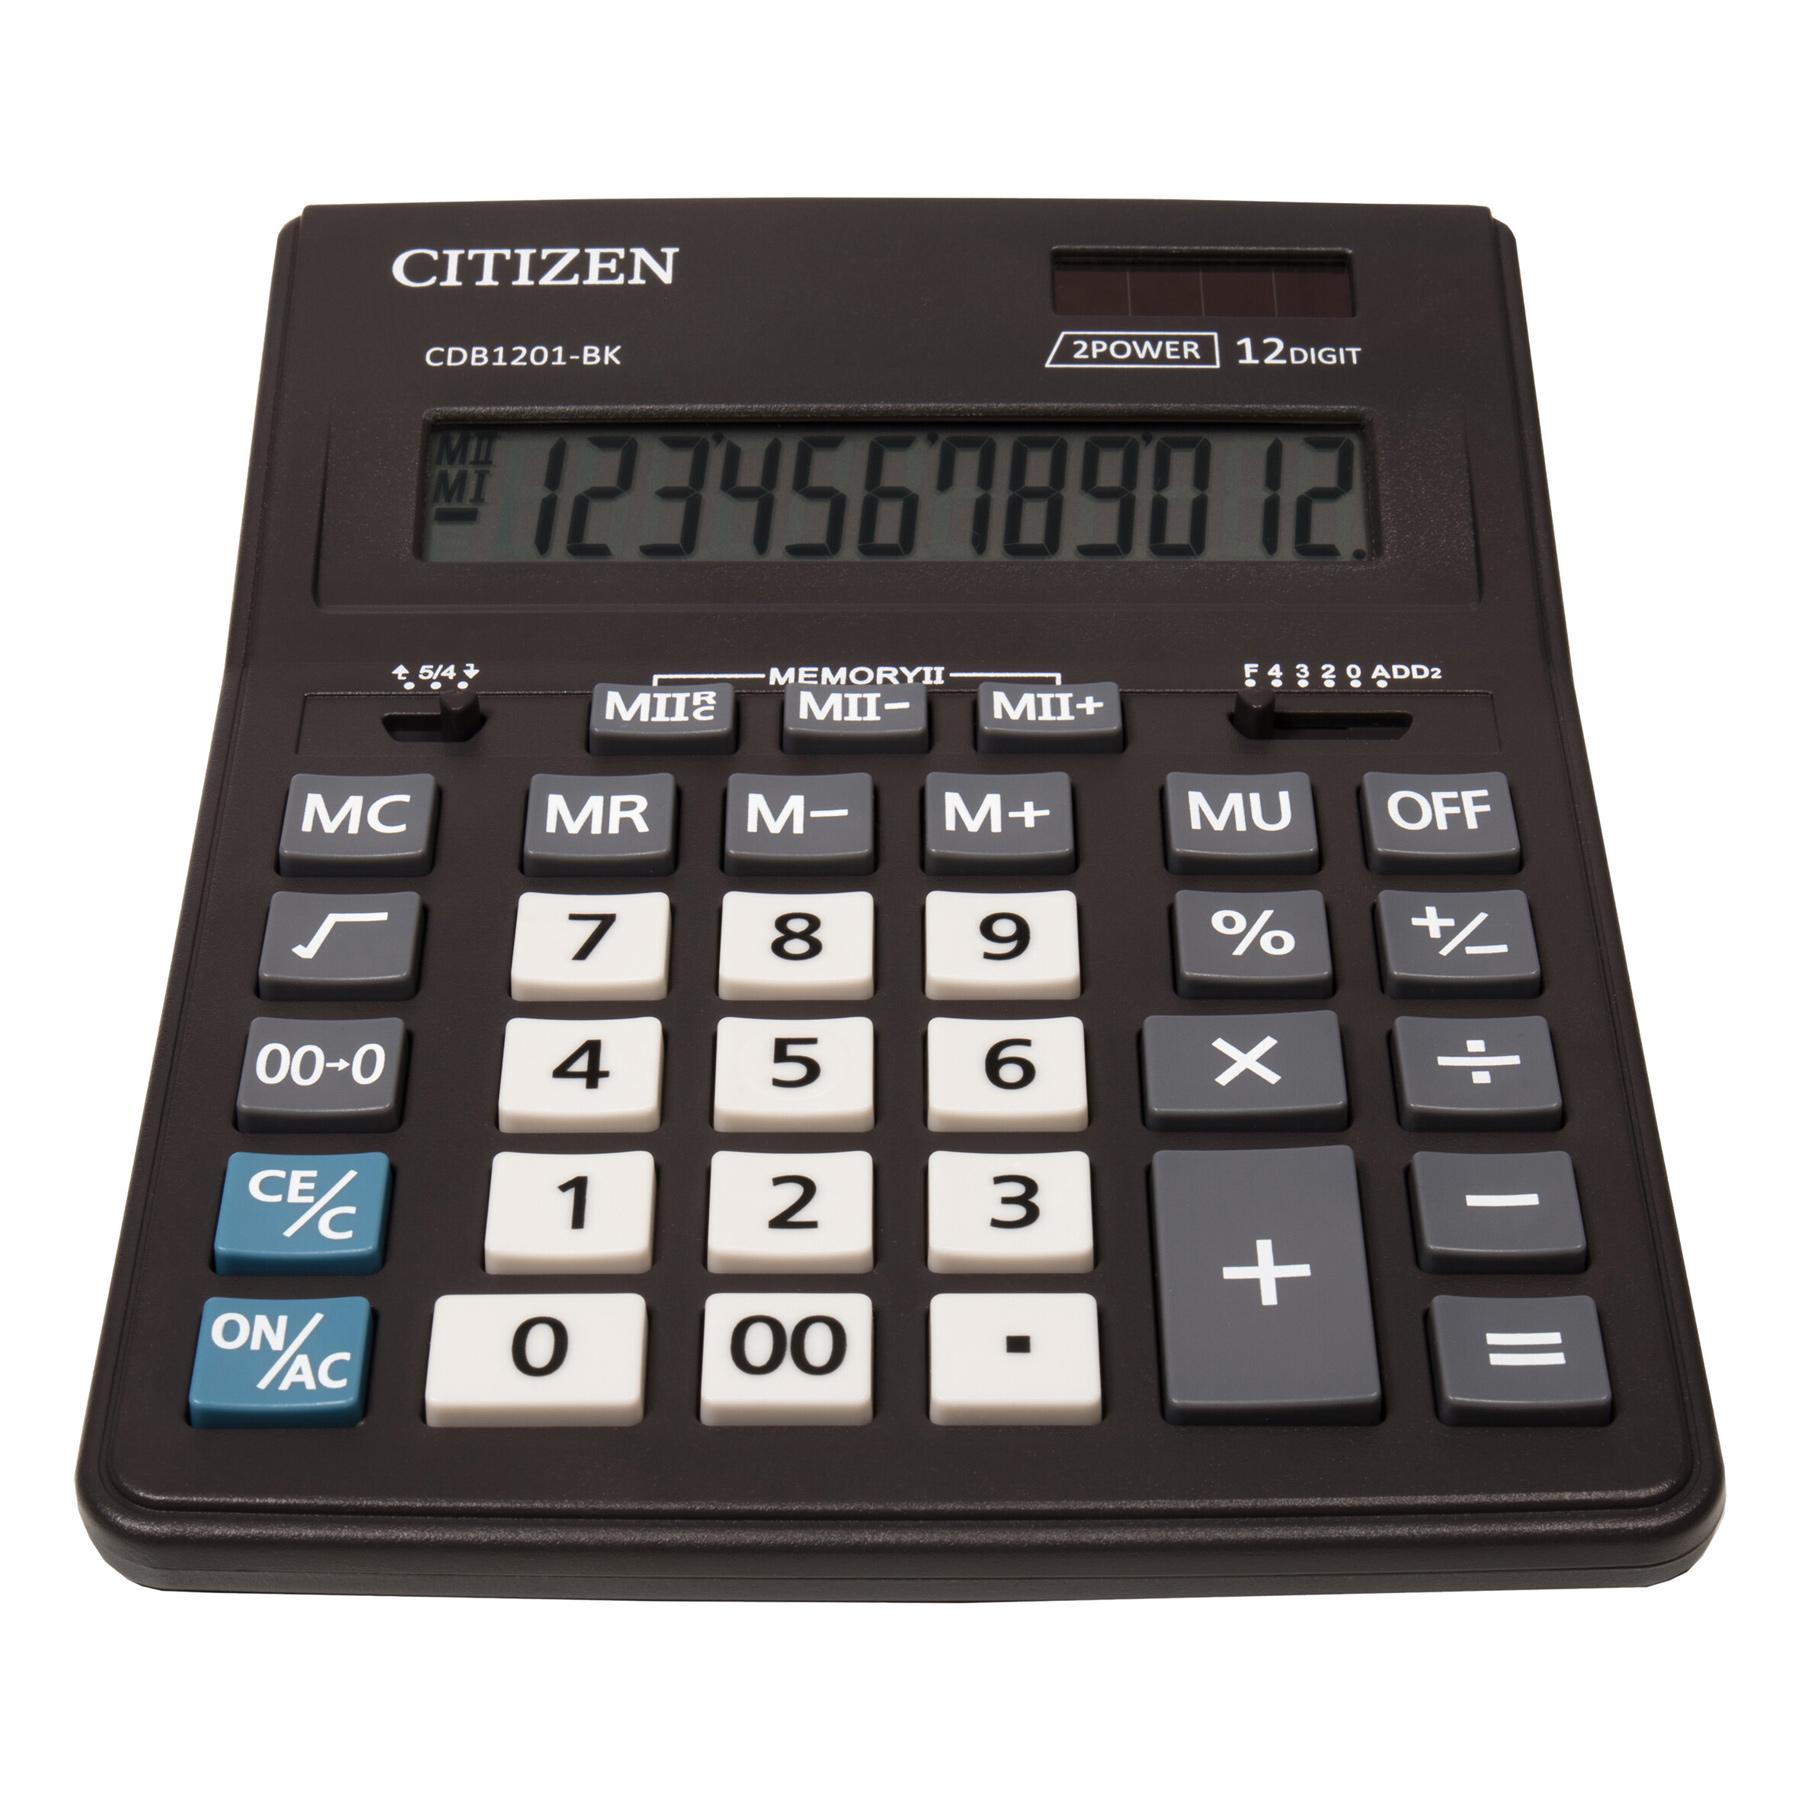 Калькулятор CDB1201-BK 12 разрядов, 205х155х35мм., черн. Citizen - фото 3